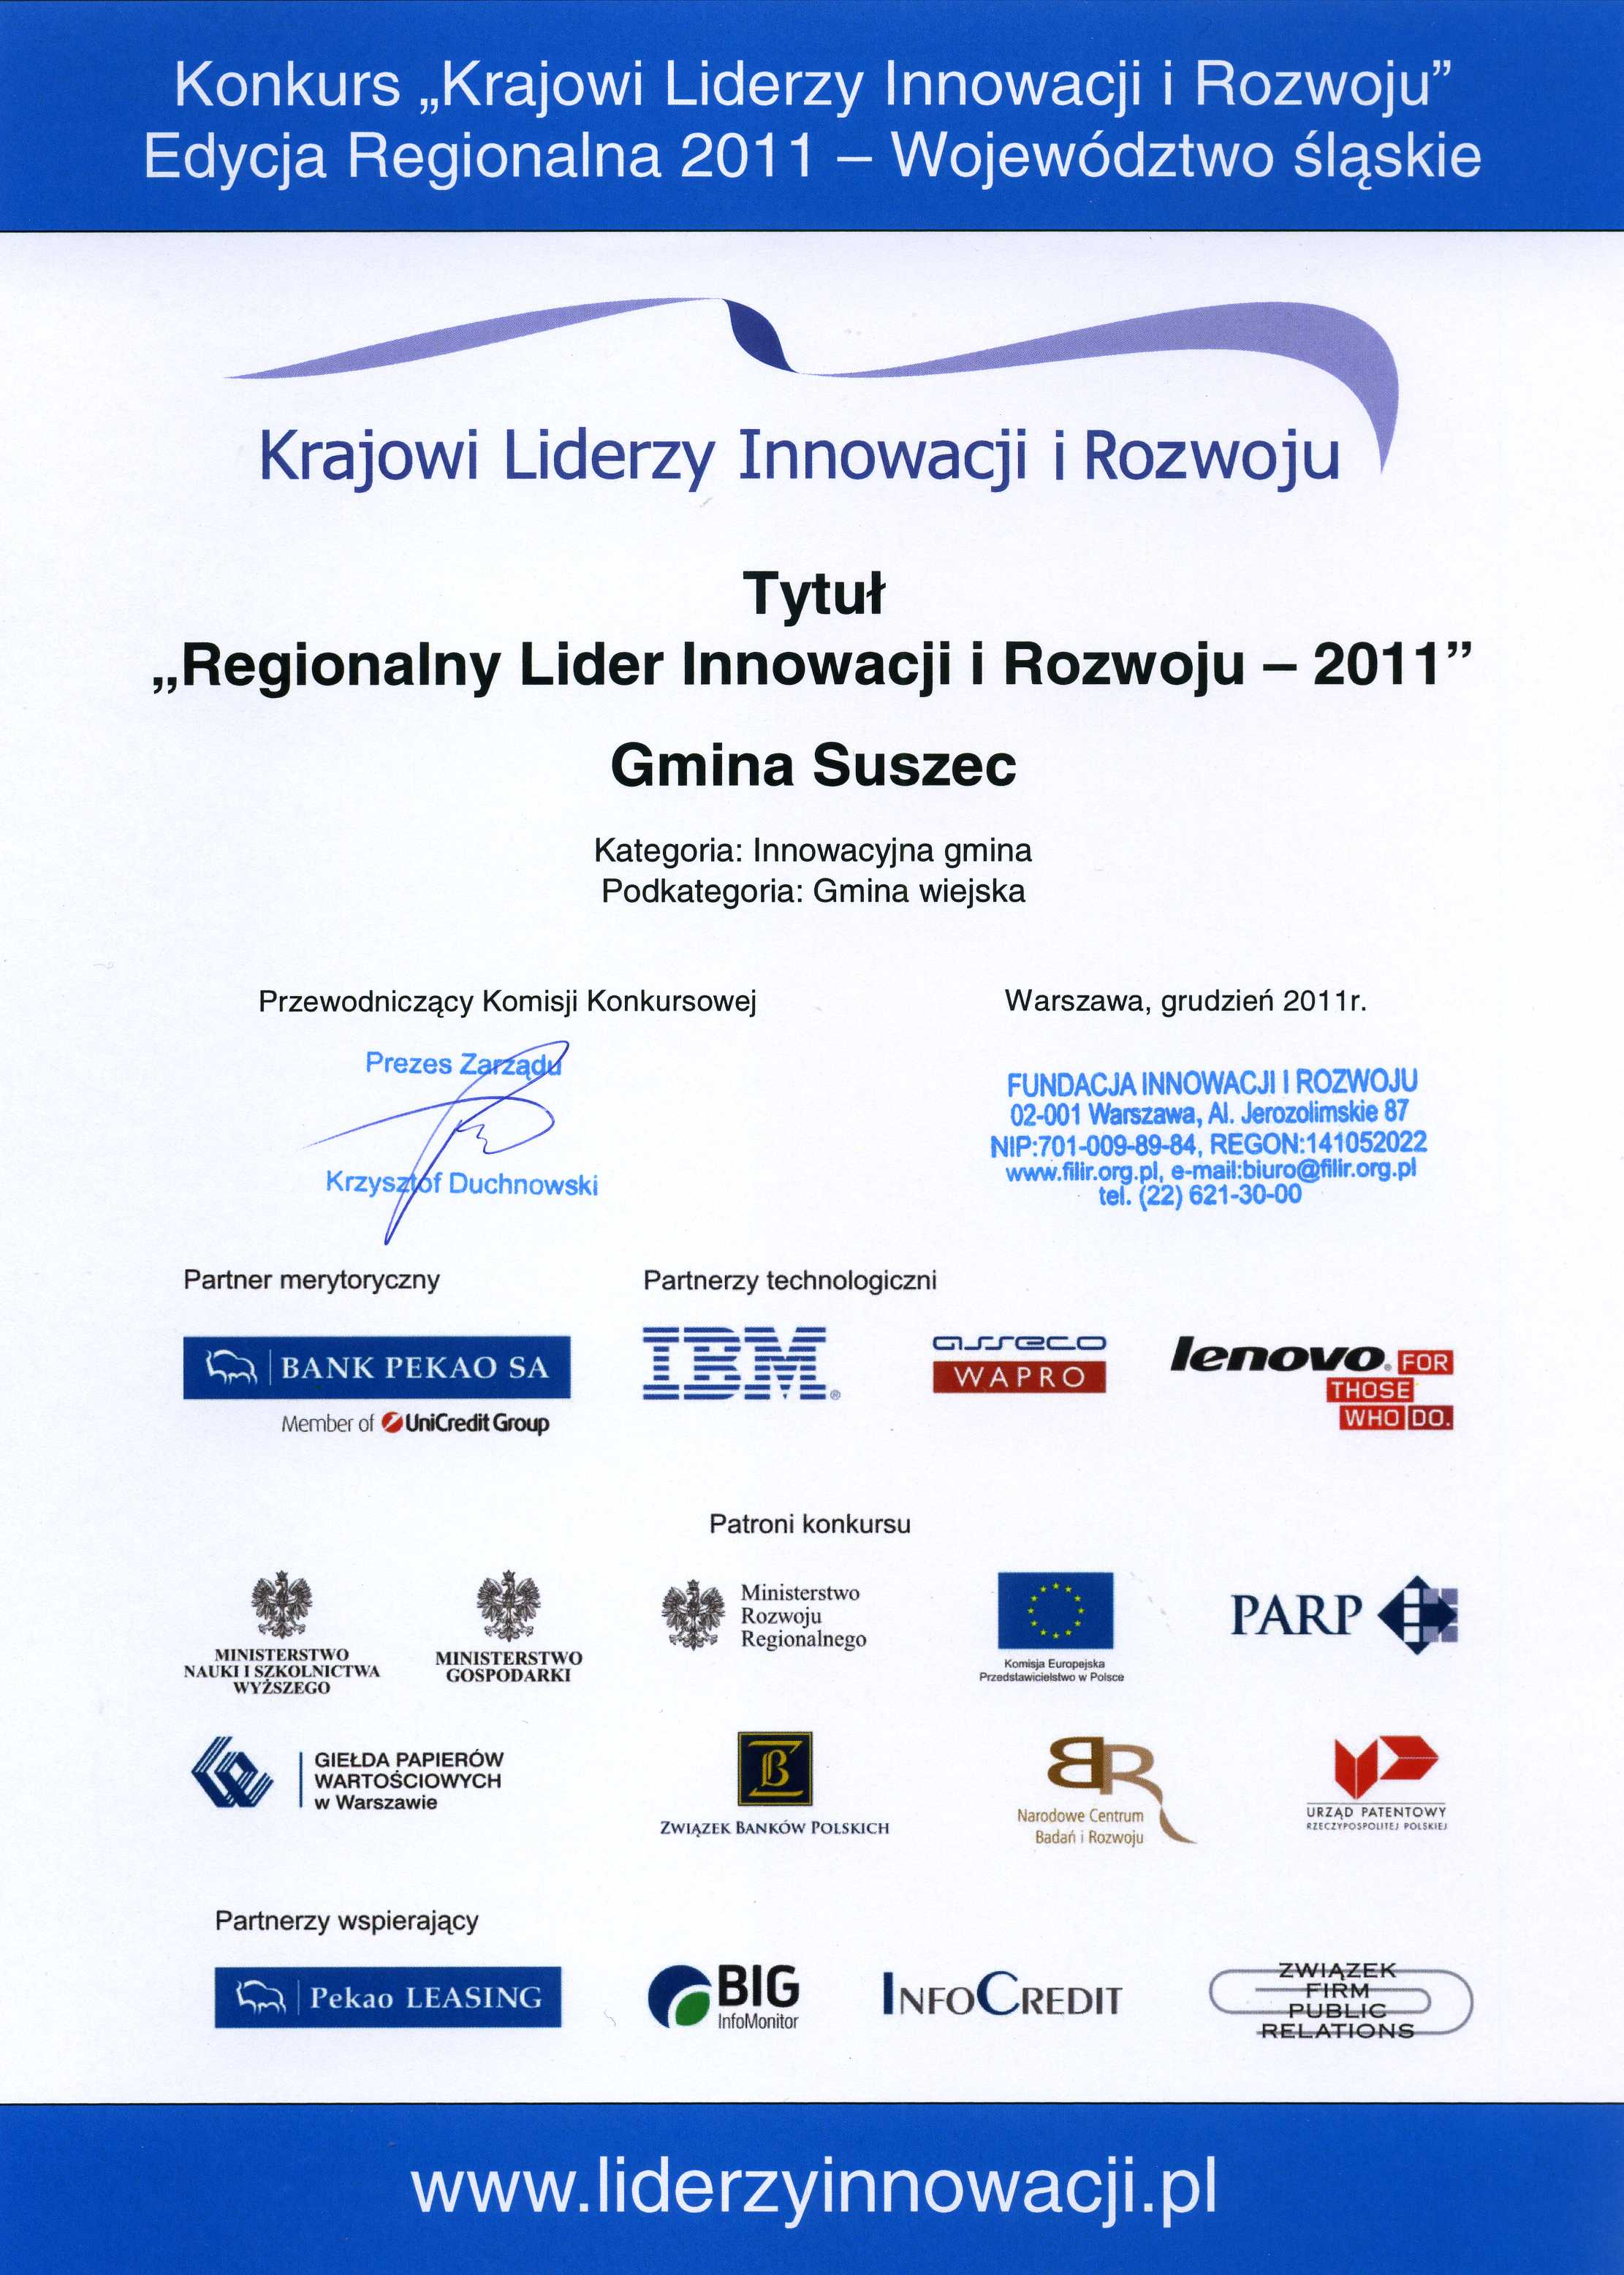 001_Gmina_Suszec__Lider_innowacji.jpg (407.25 Kb)